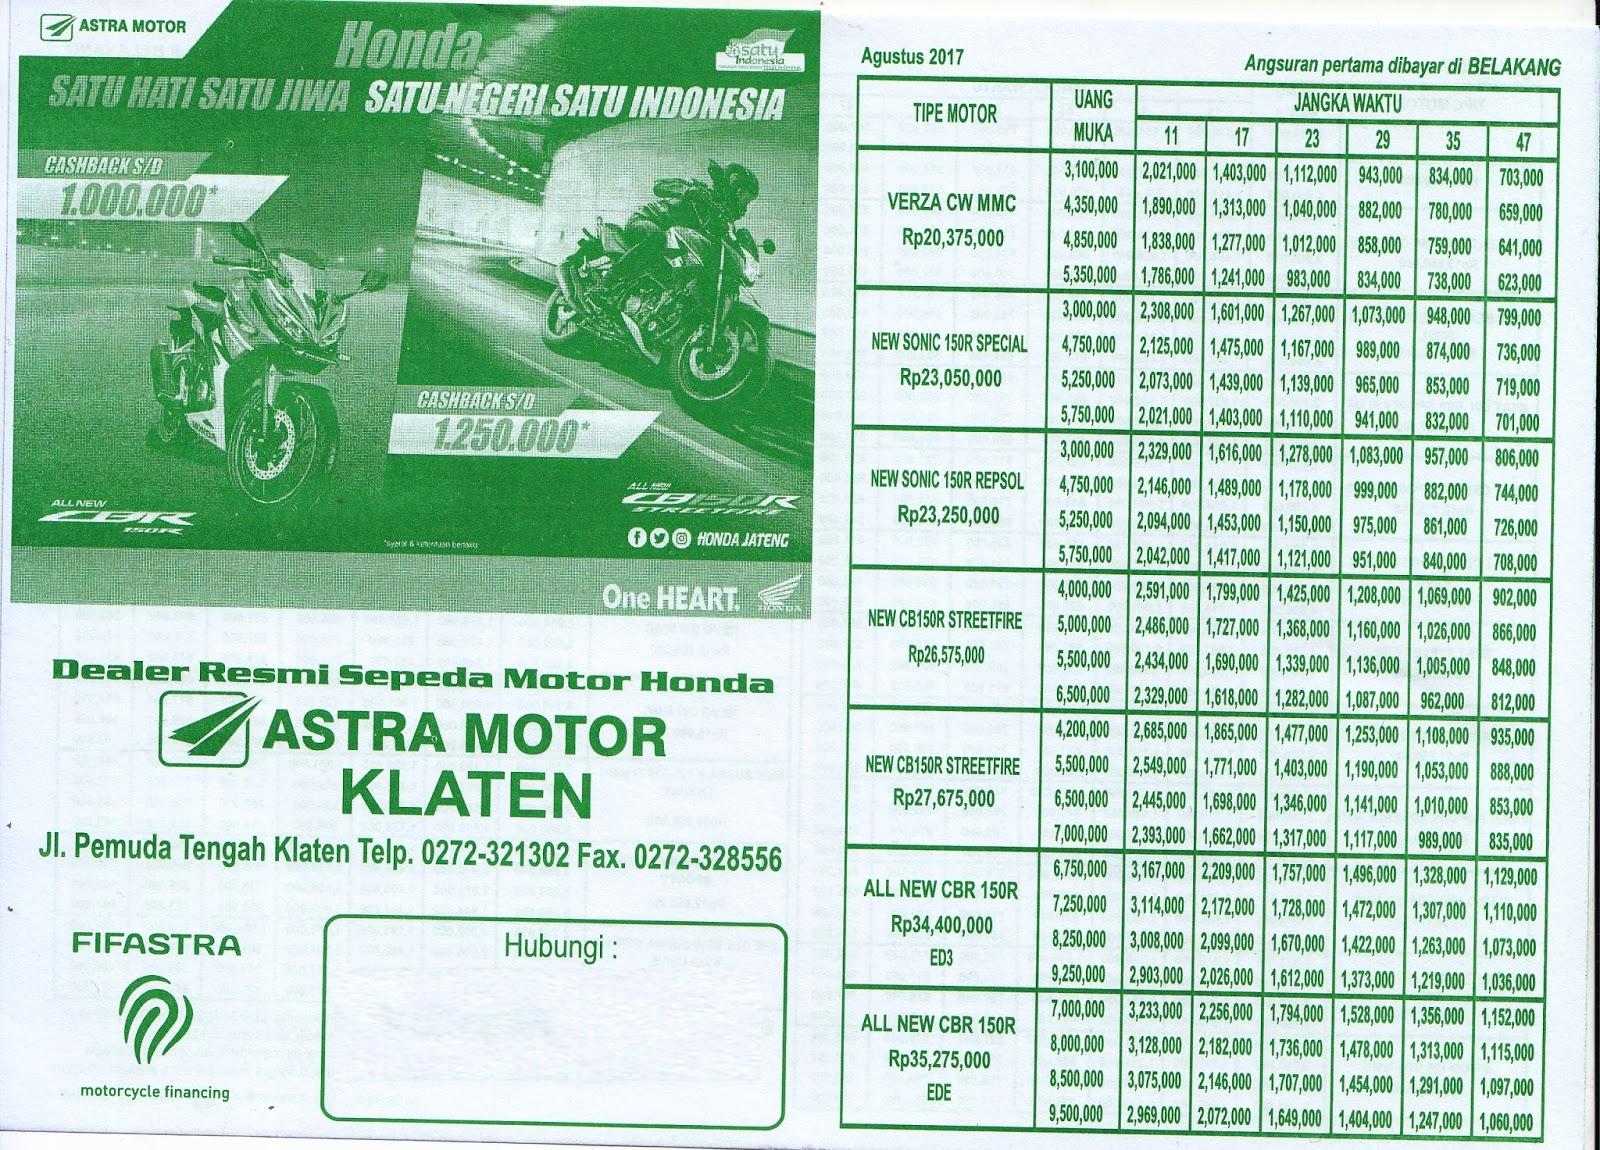 Astra Motor Klaten: - BROSUR KREDIT